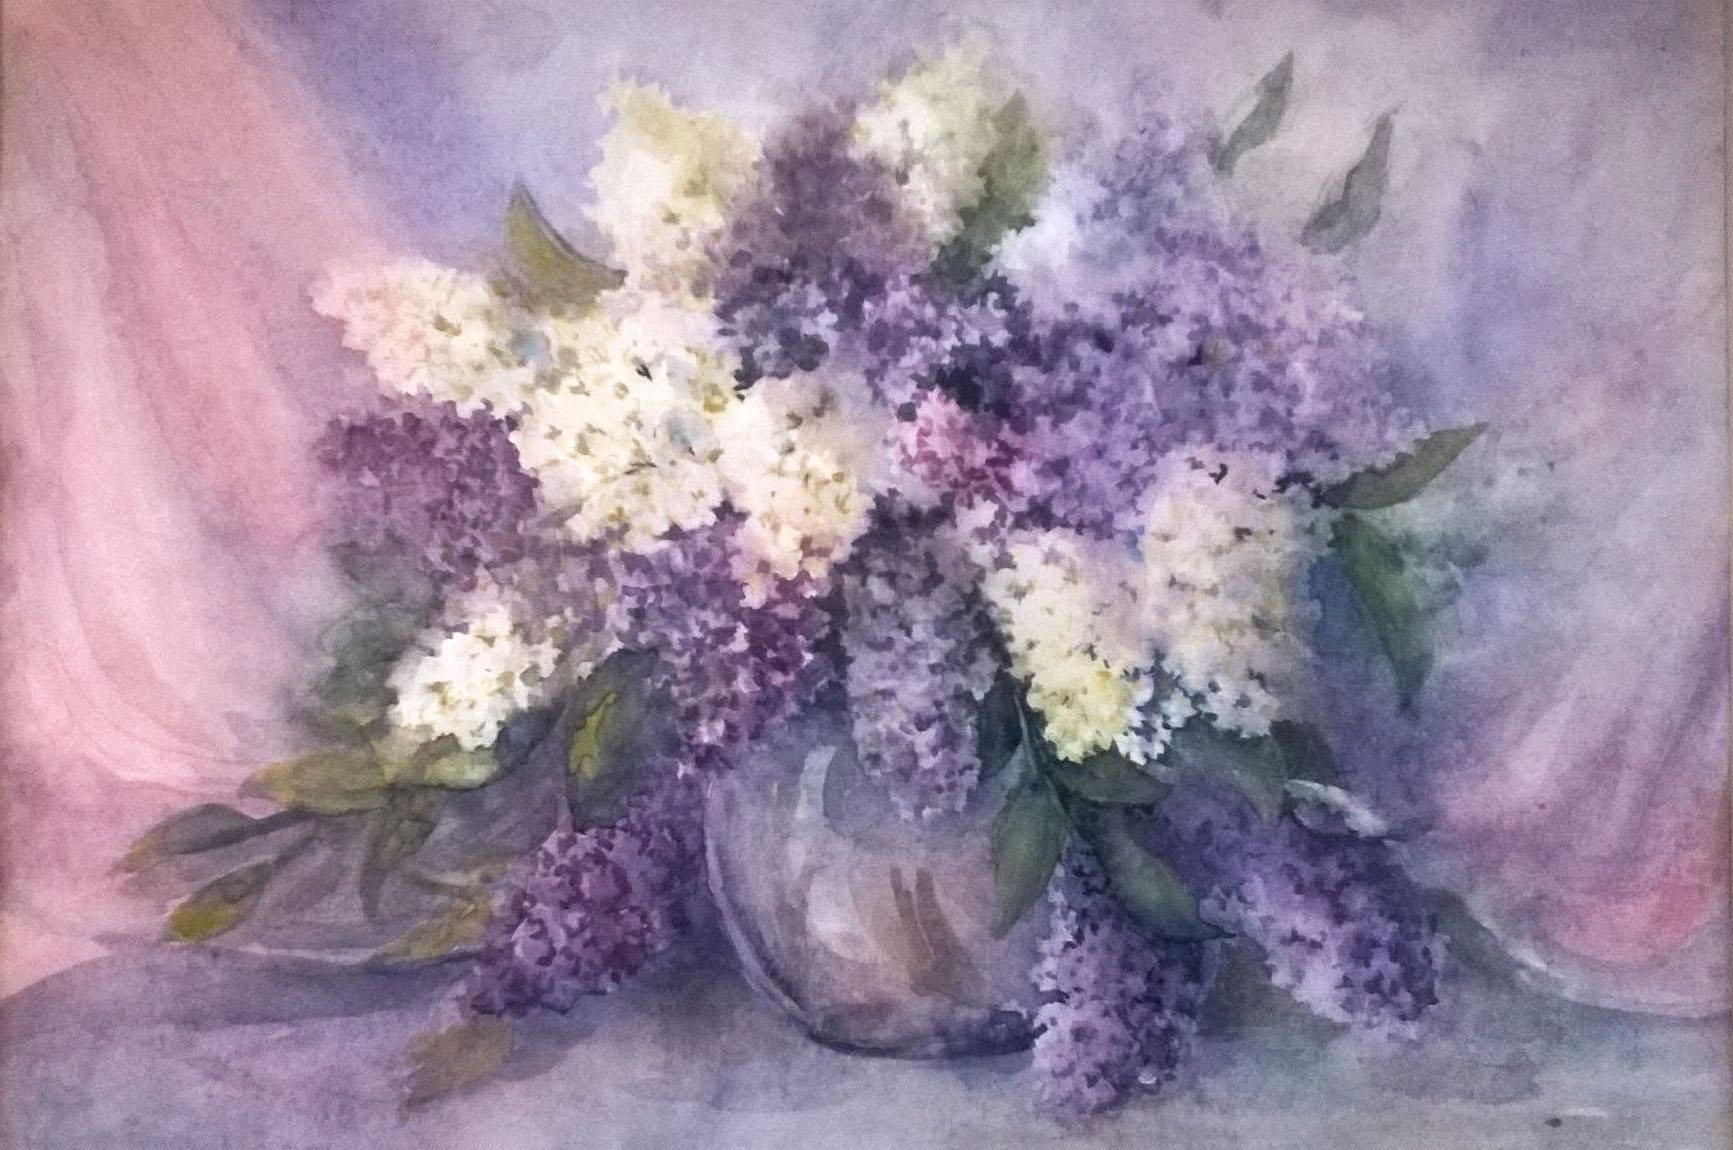 Kattys - Le bouquet de lilas